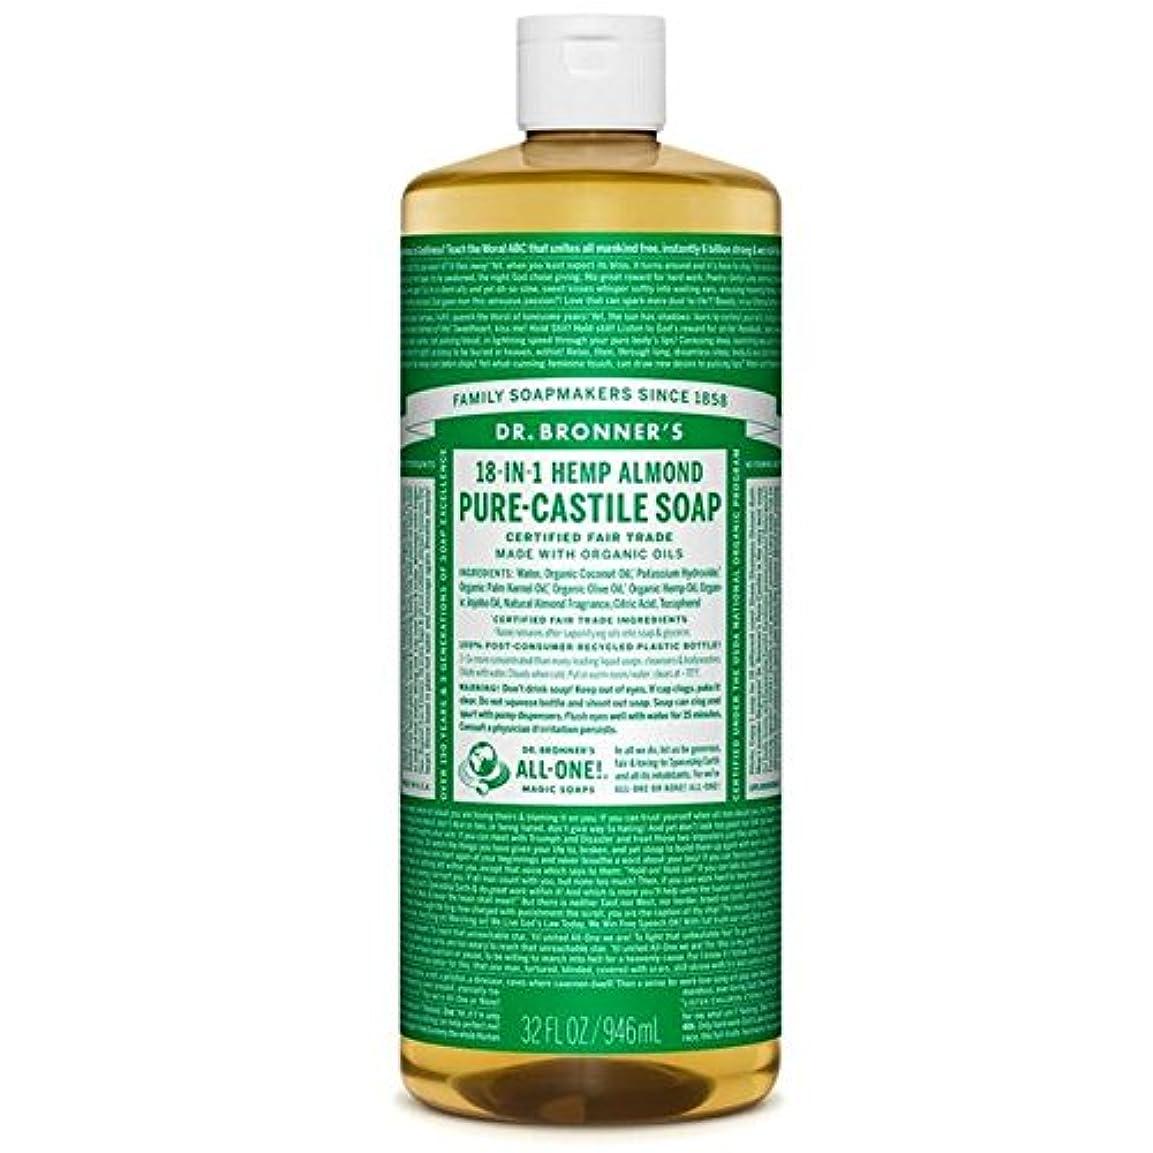 非常に怒っています食べる不適当Dr Bronner Organic Almond Castile Liquid Soap 946ml - のブロナー有機アーモンドカスティーリャ液体石鹸946ミリリットル [並行輸入品]